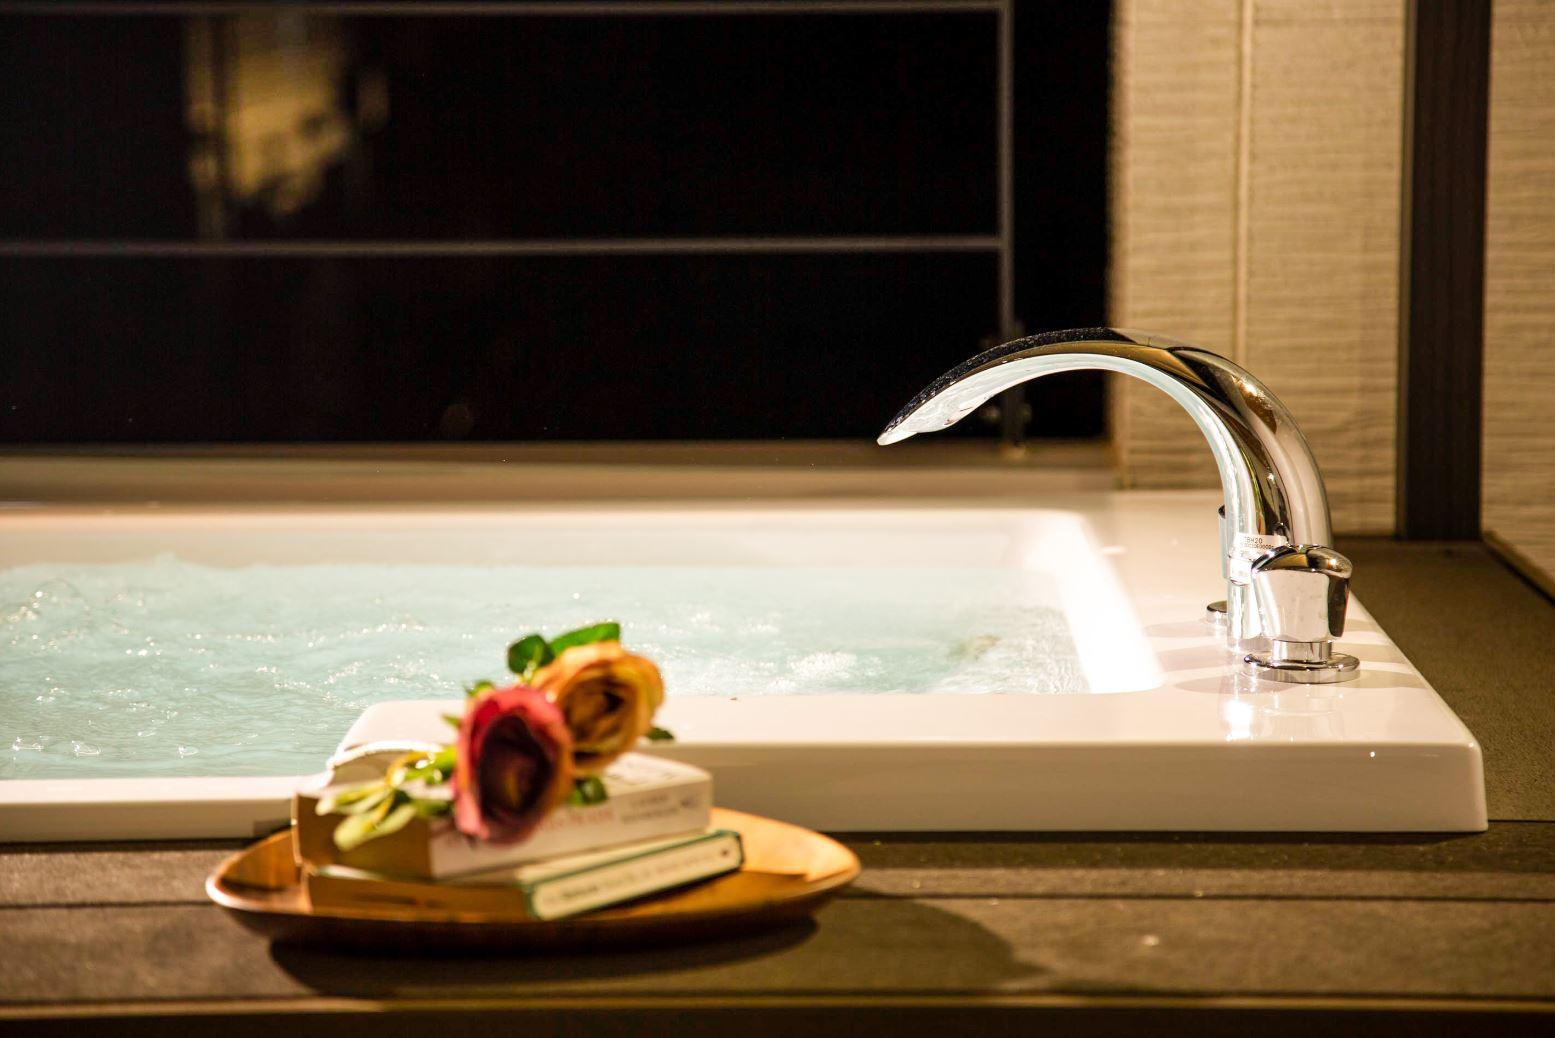 スタイルカーサ【浜松市中区飯田町・モデルハウス】家にいながらリゾートのように暮らす毎日。休暇を自宅で過ごすhousecation(ハウスケーション)がテーマの家づくりをじっくりと体感して